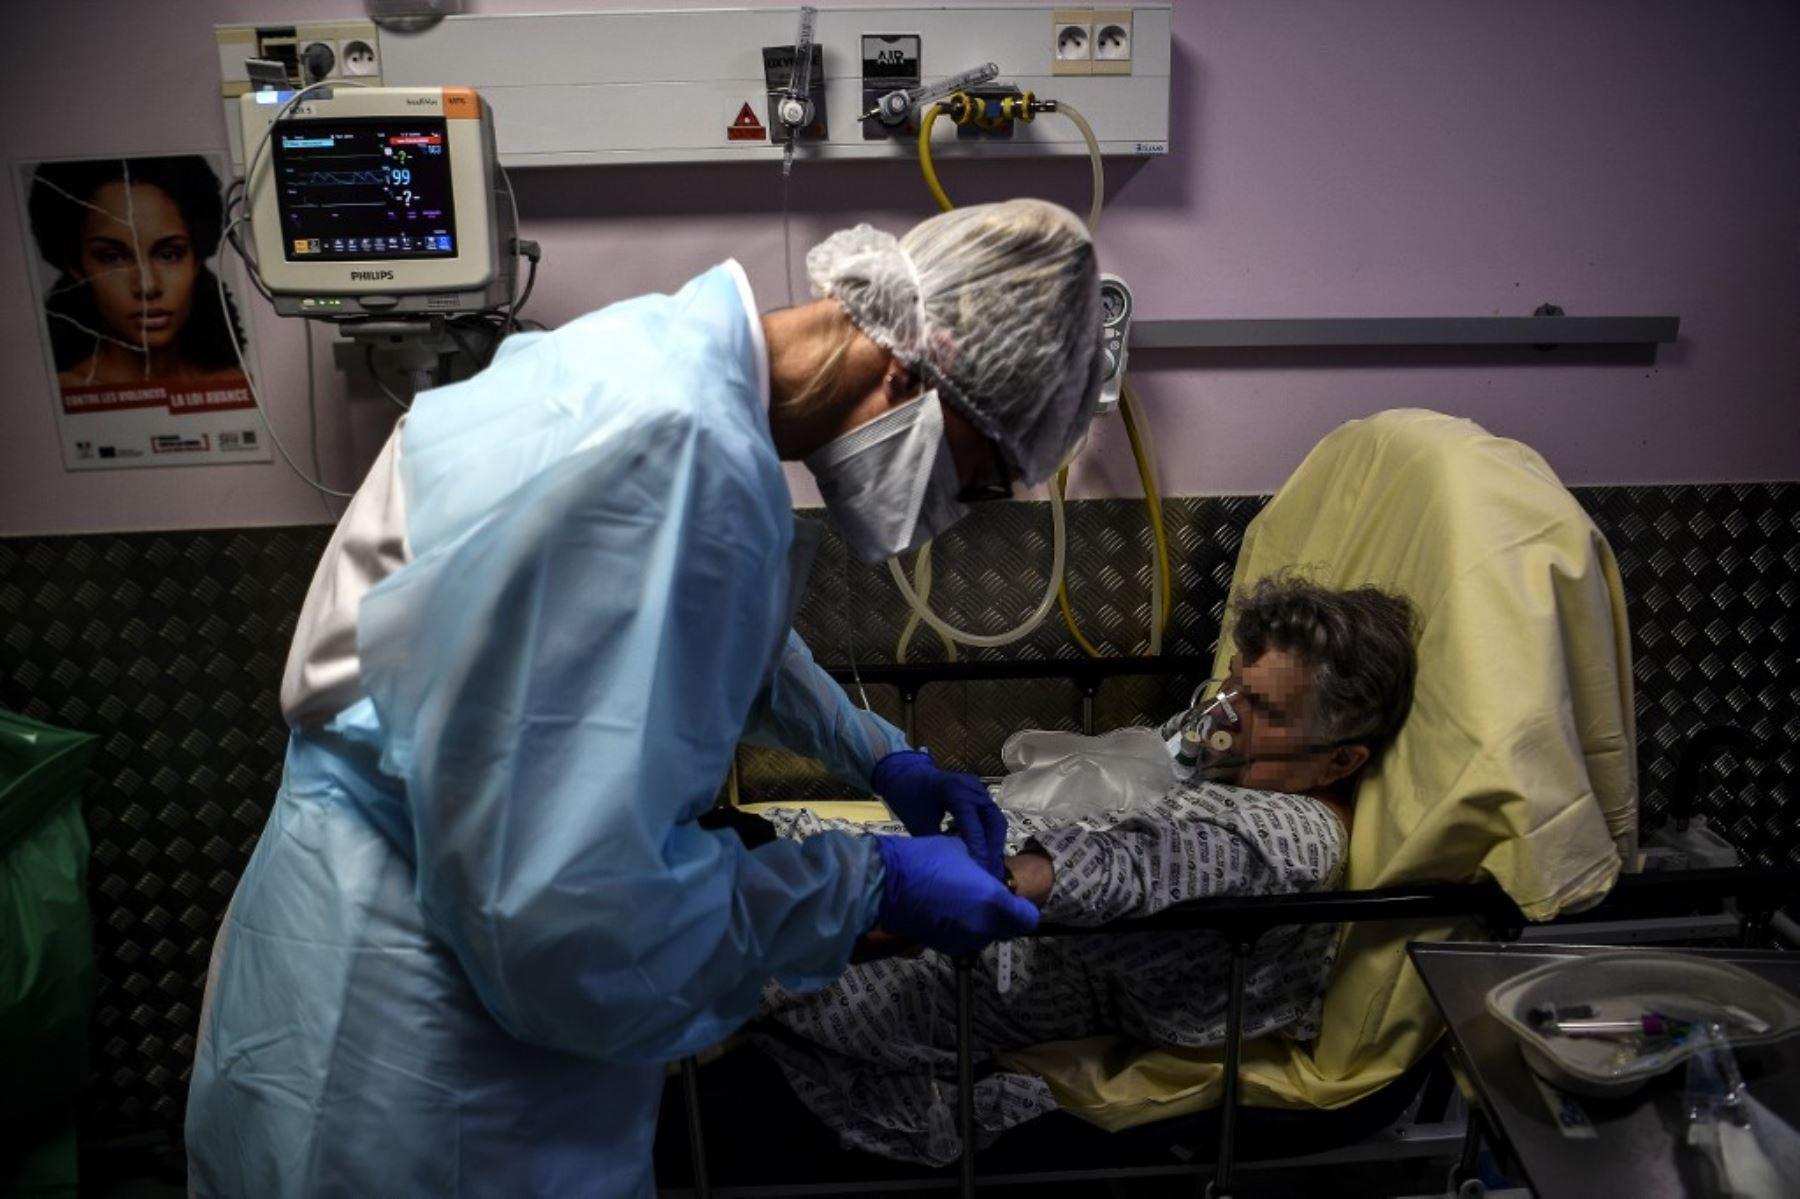 Una enfermera atiende a una anciana sospechosa de estar infectada con Covid-19 en el servicio de emergencia del hospital Andre Gregoire en Montreuil, al este de París. Foto: AFP